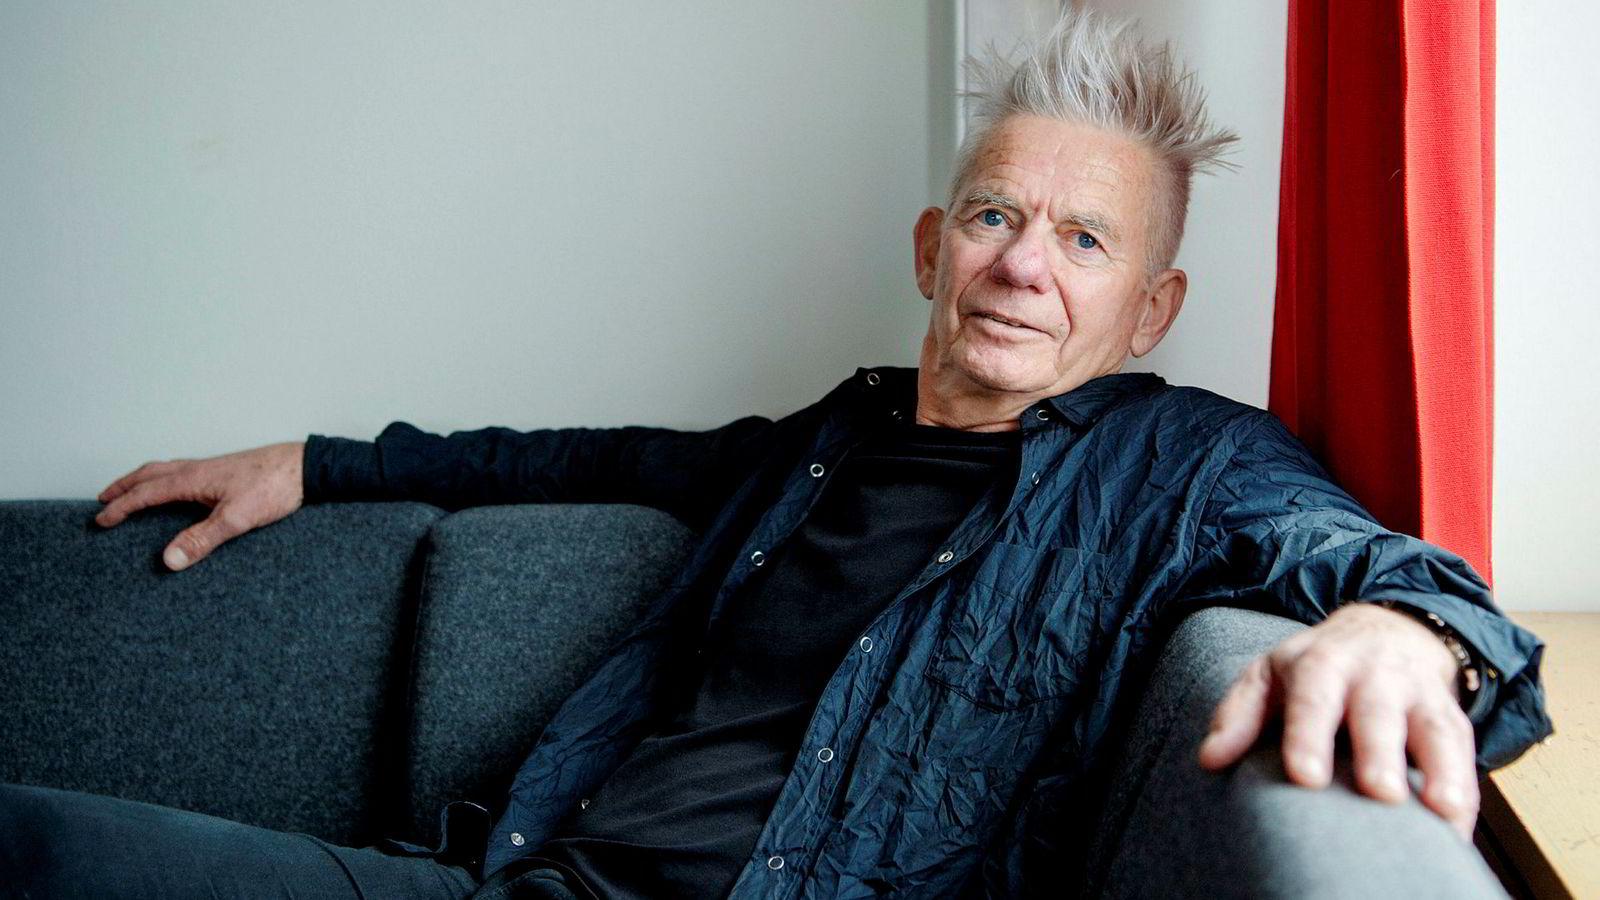 Kalle Moene retter skarp kritikk mot samfunnsøkonom Steinar Juel i debatten om økonomisk ulikhet.